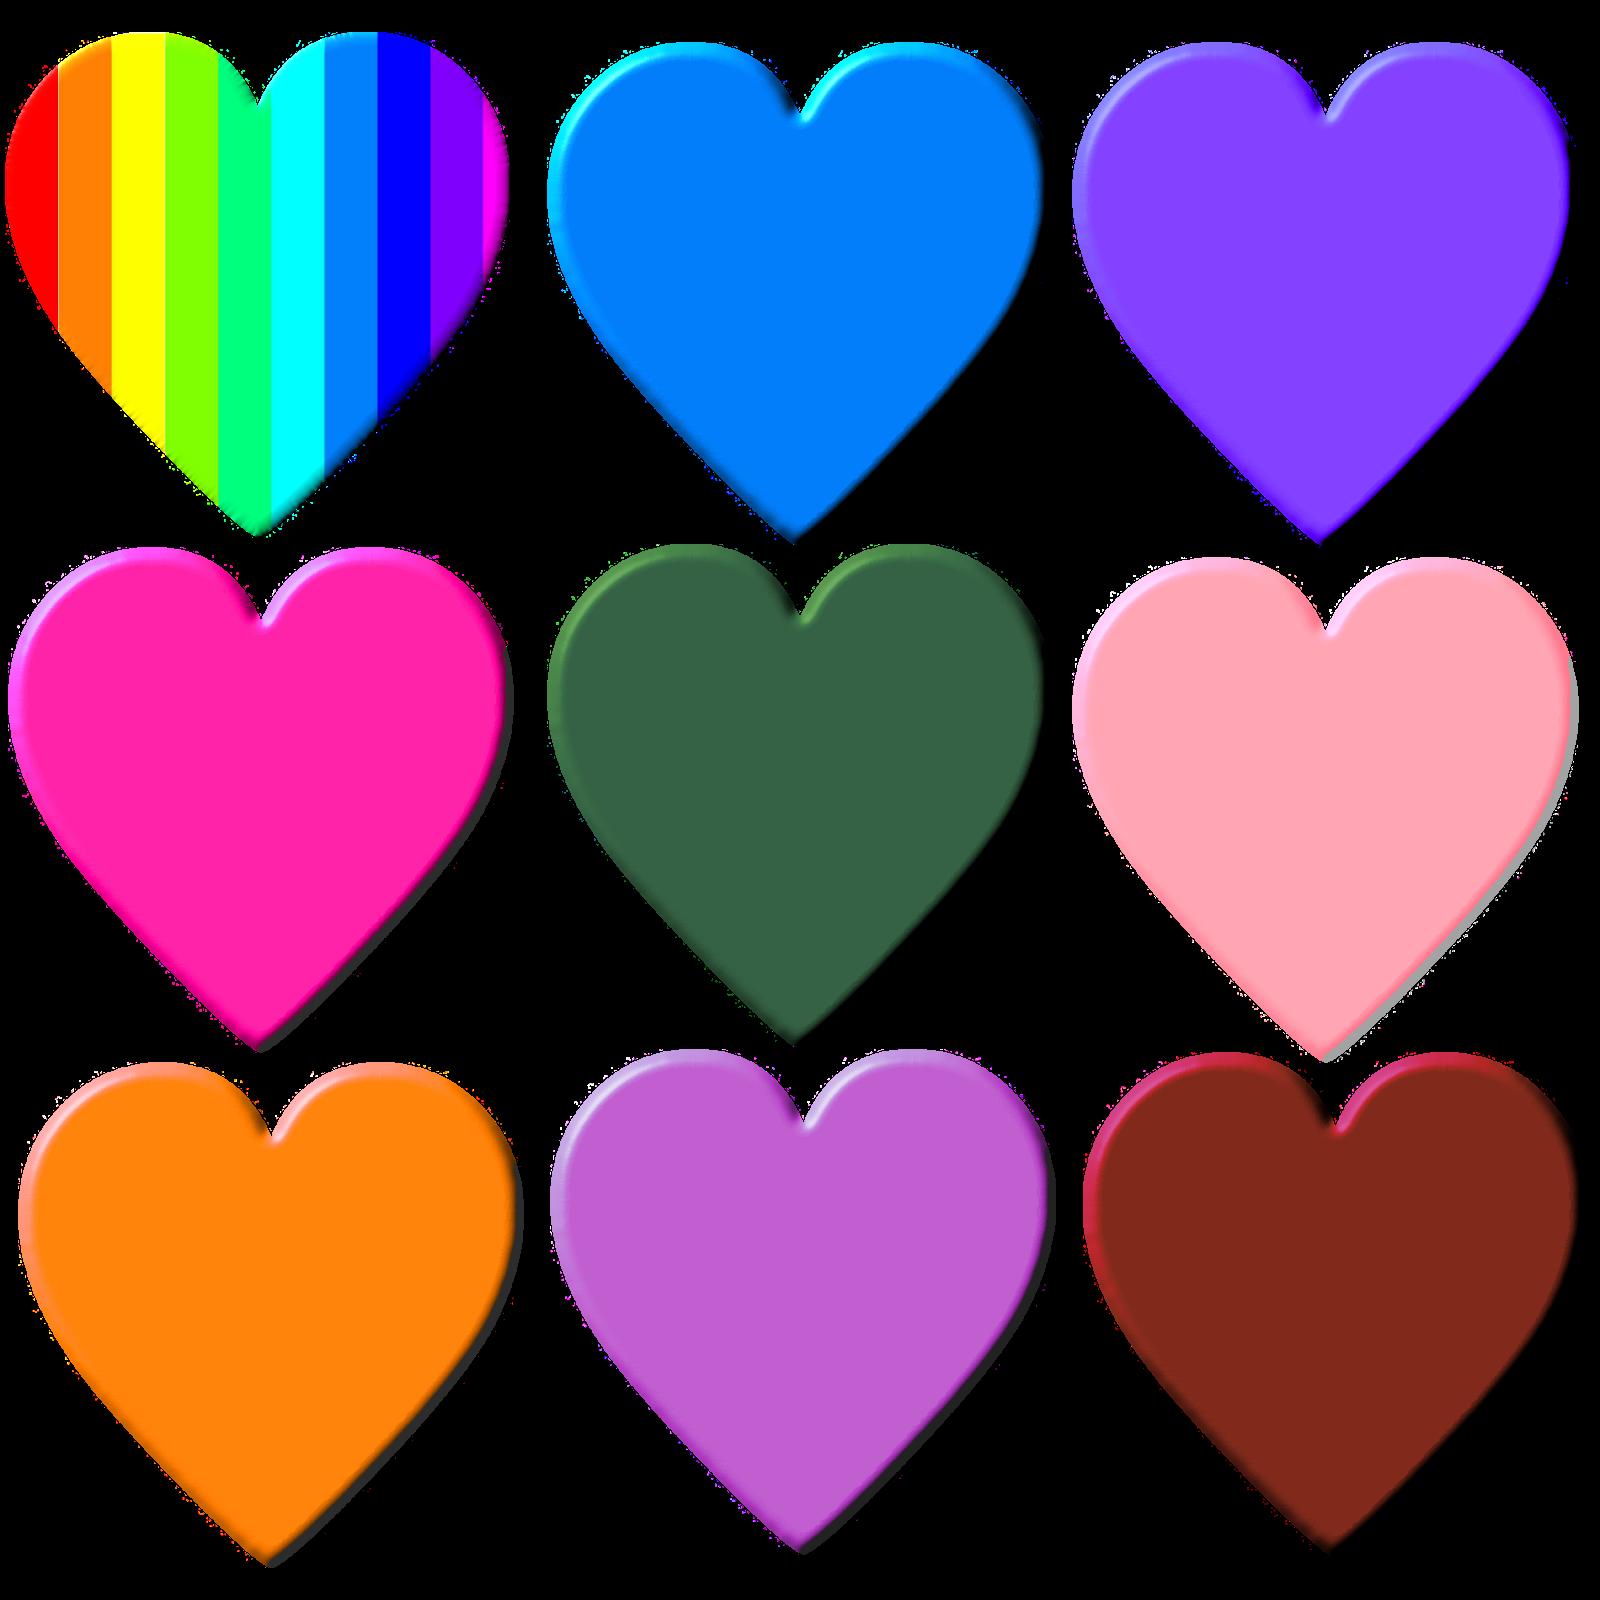 Сердце цветная картинка